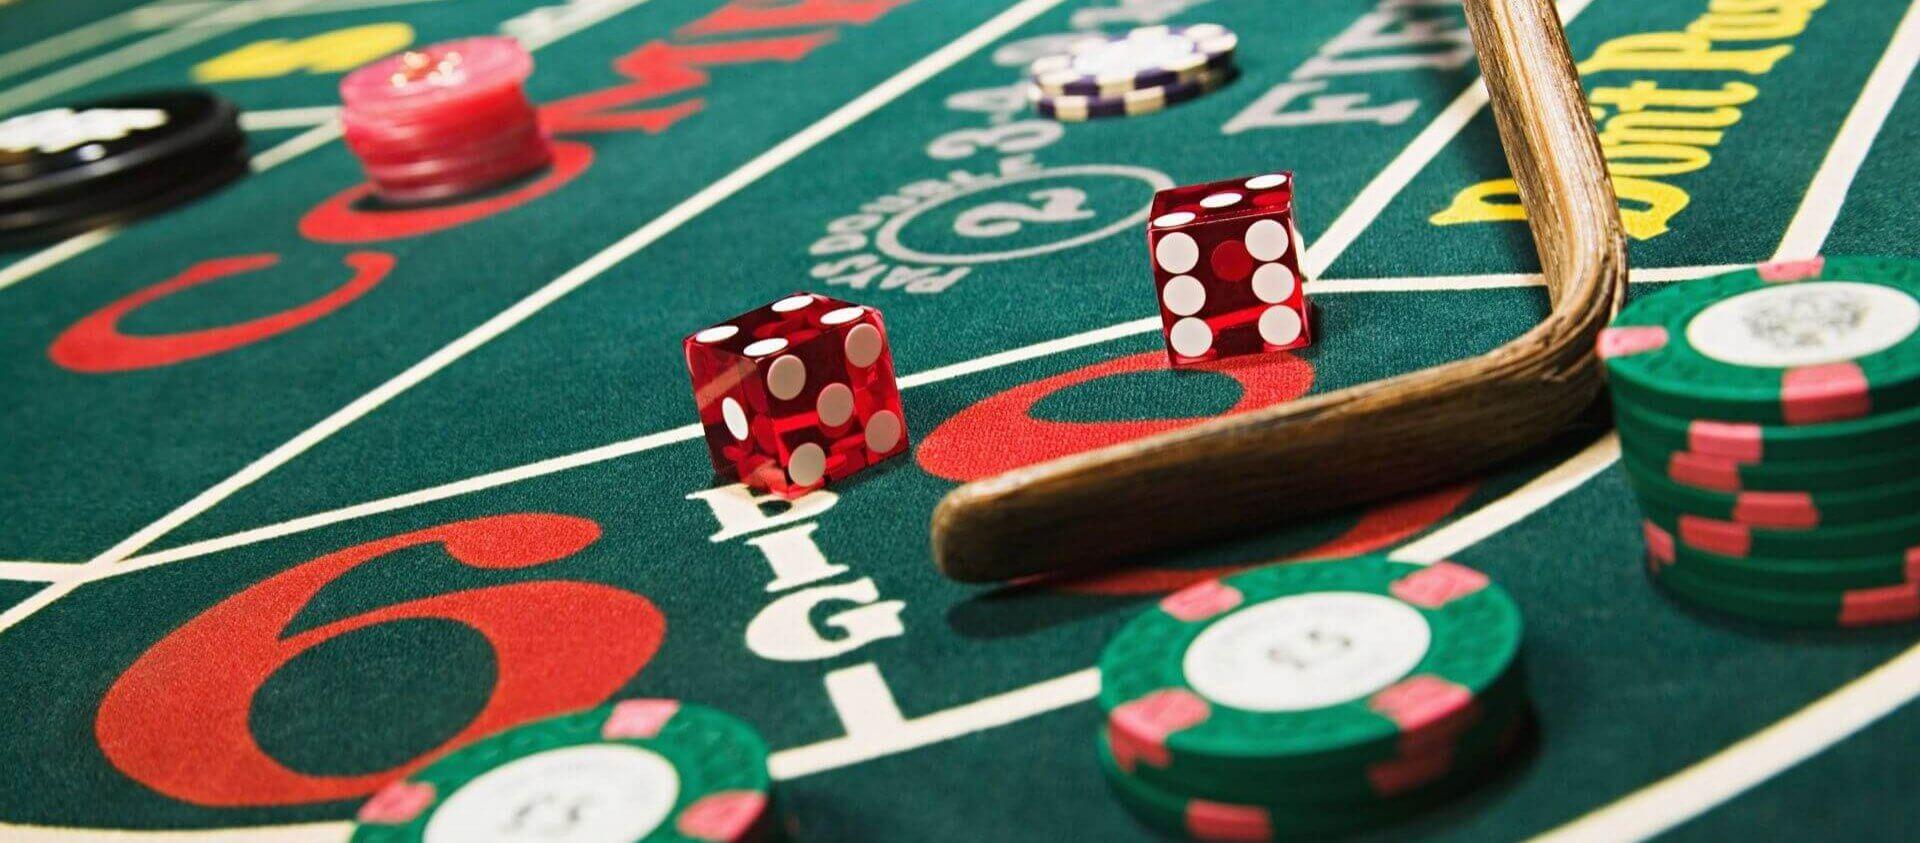 Craig's Casino Games